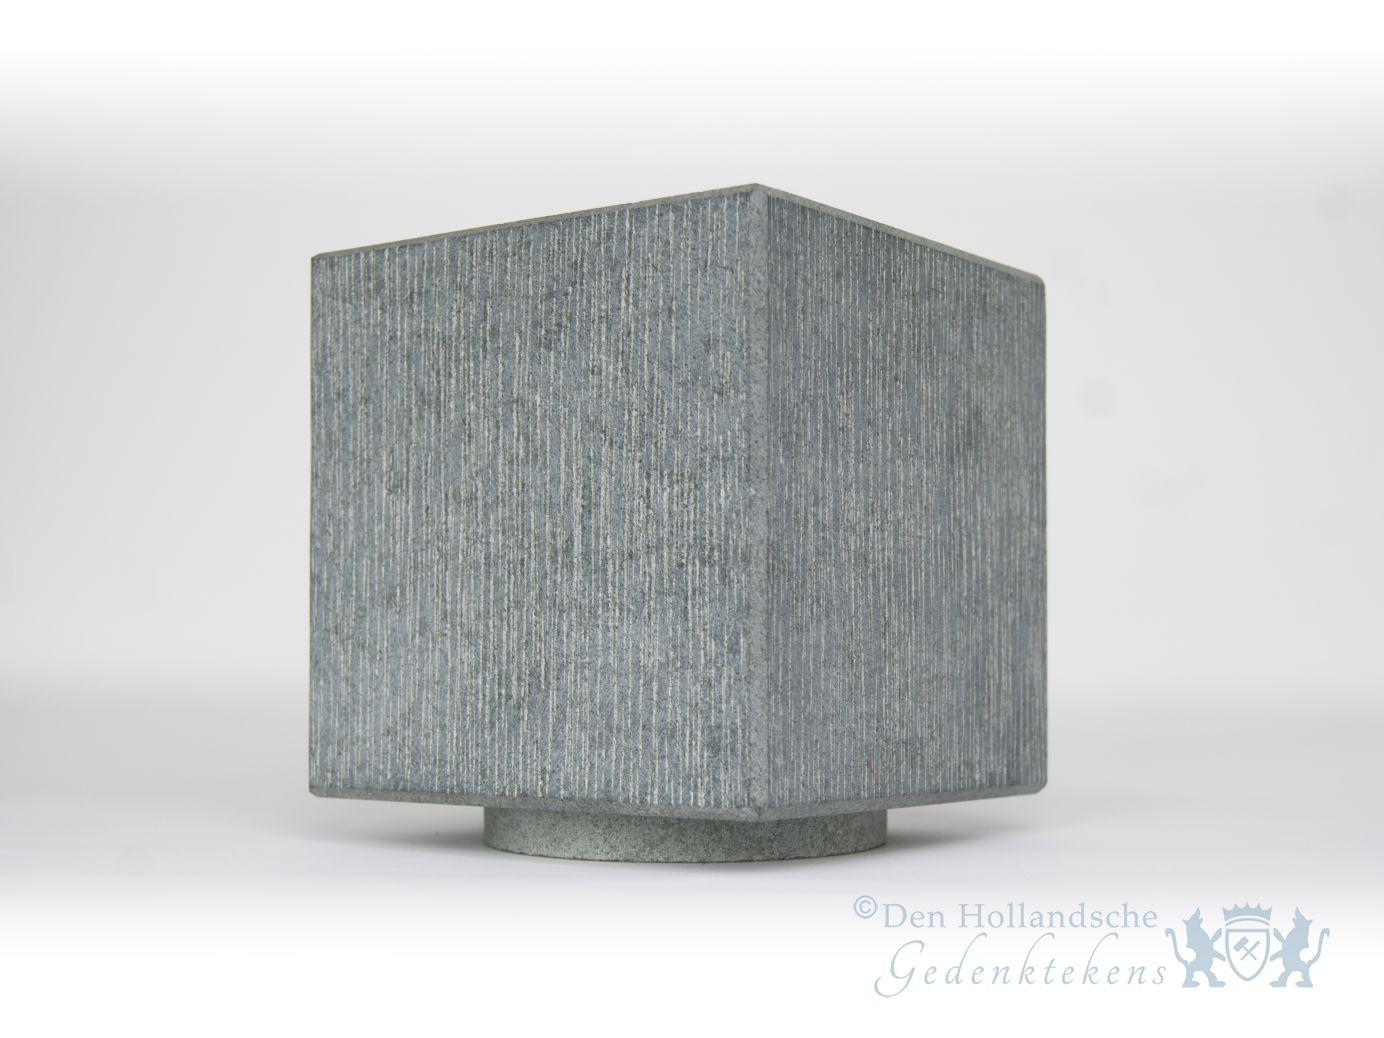 Atos urn natuursteen verde amaridis den hollandsche gedenktekens